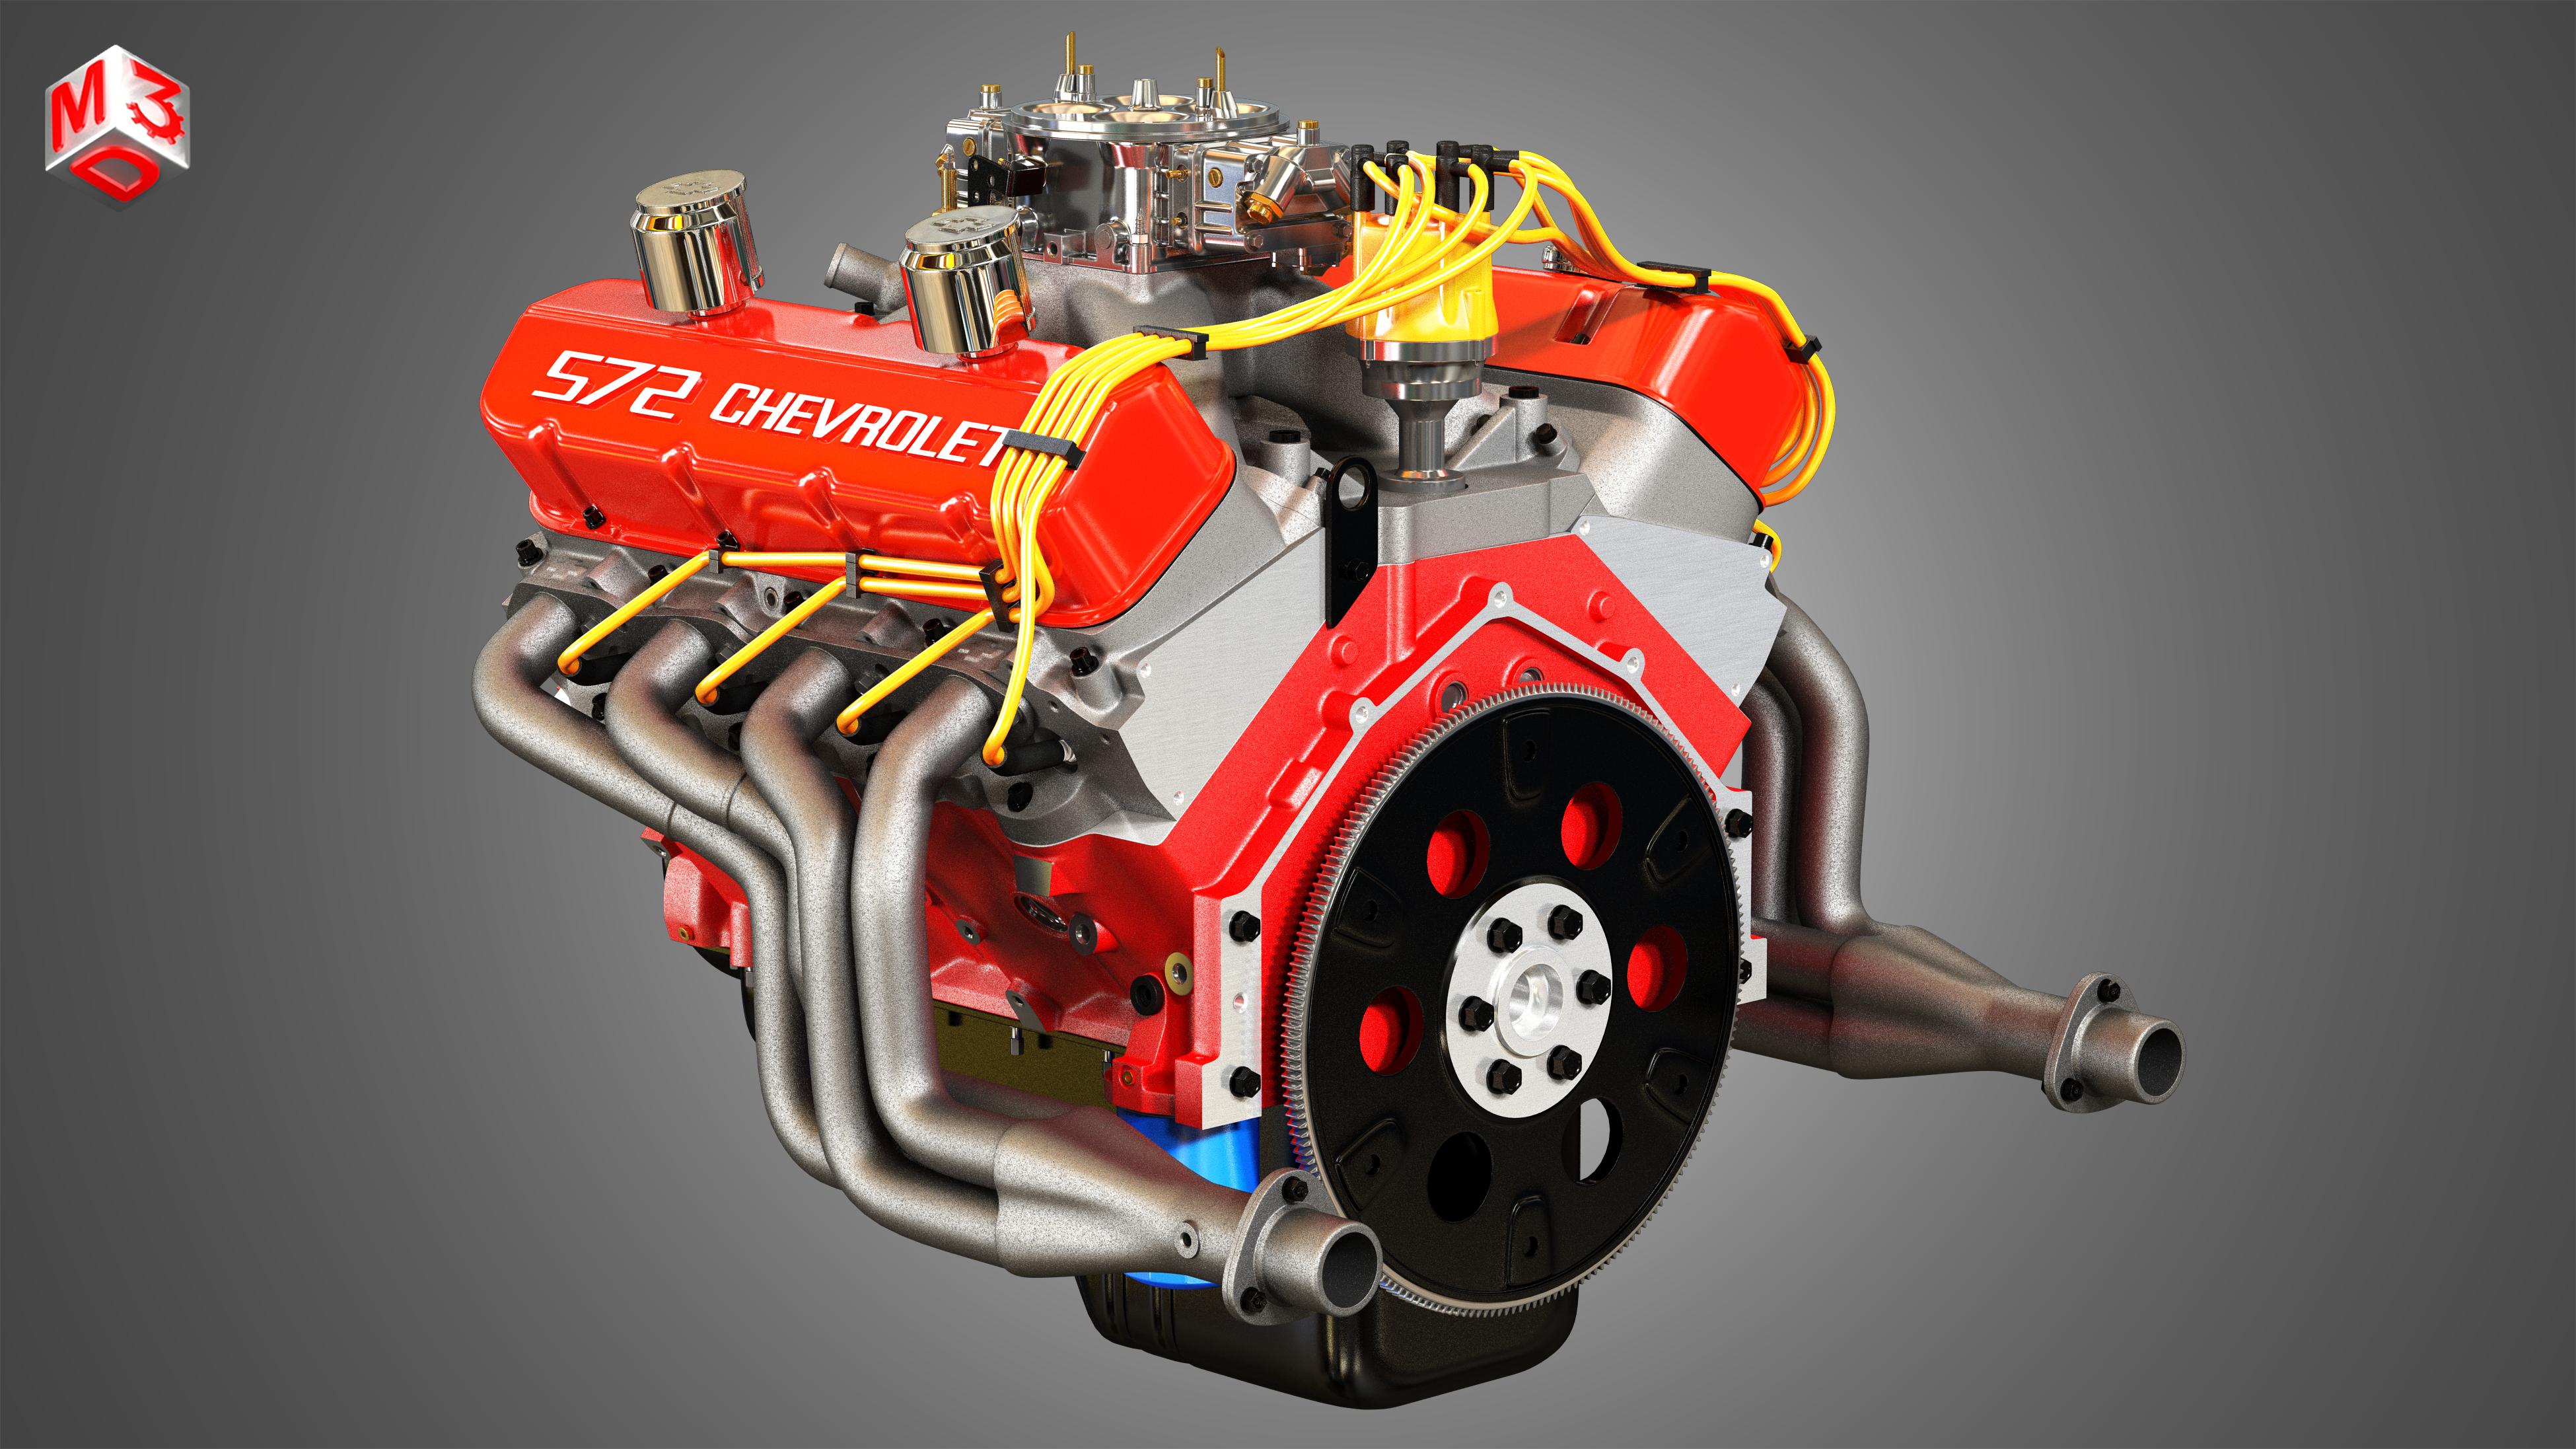 Kelebihan Chevrolet 572 Perbandingan Harga